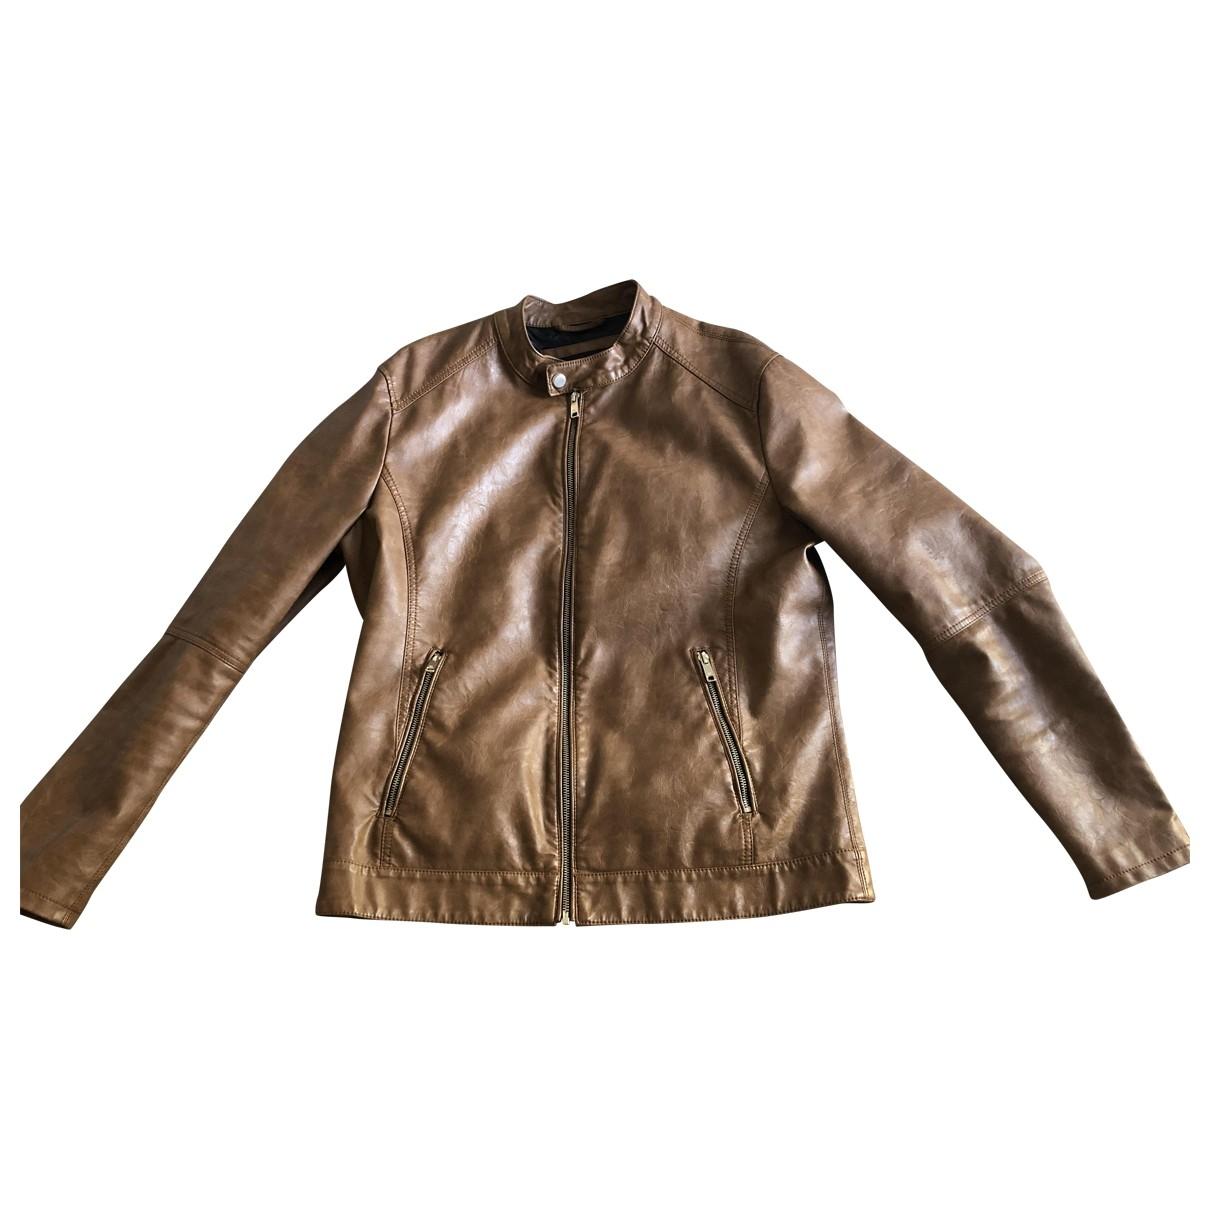 Zara \N Camel Leather jacket  for Men L International